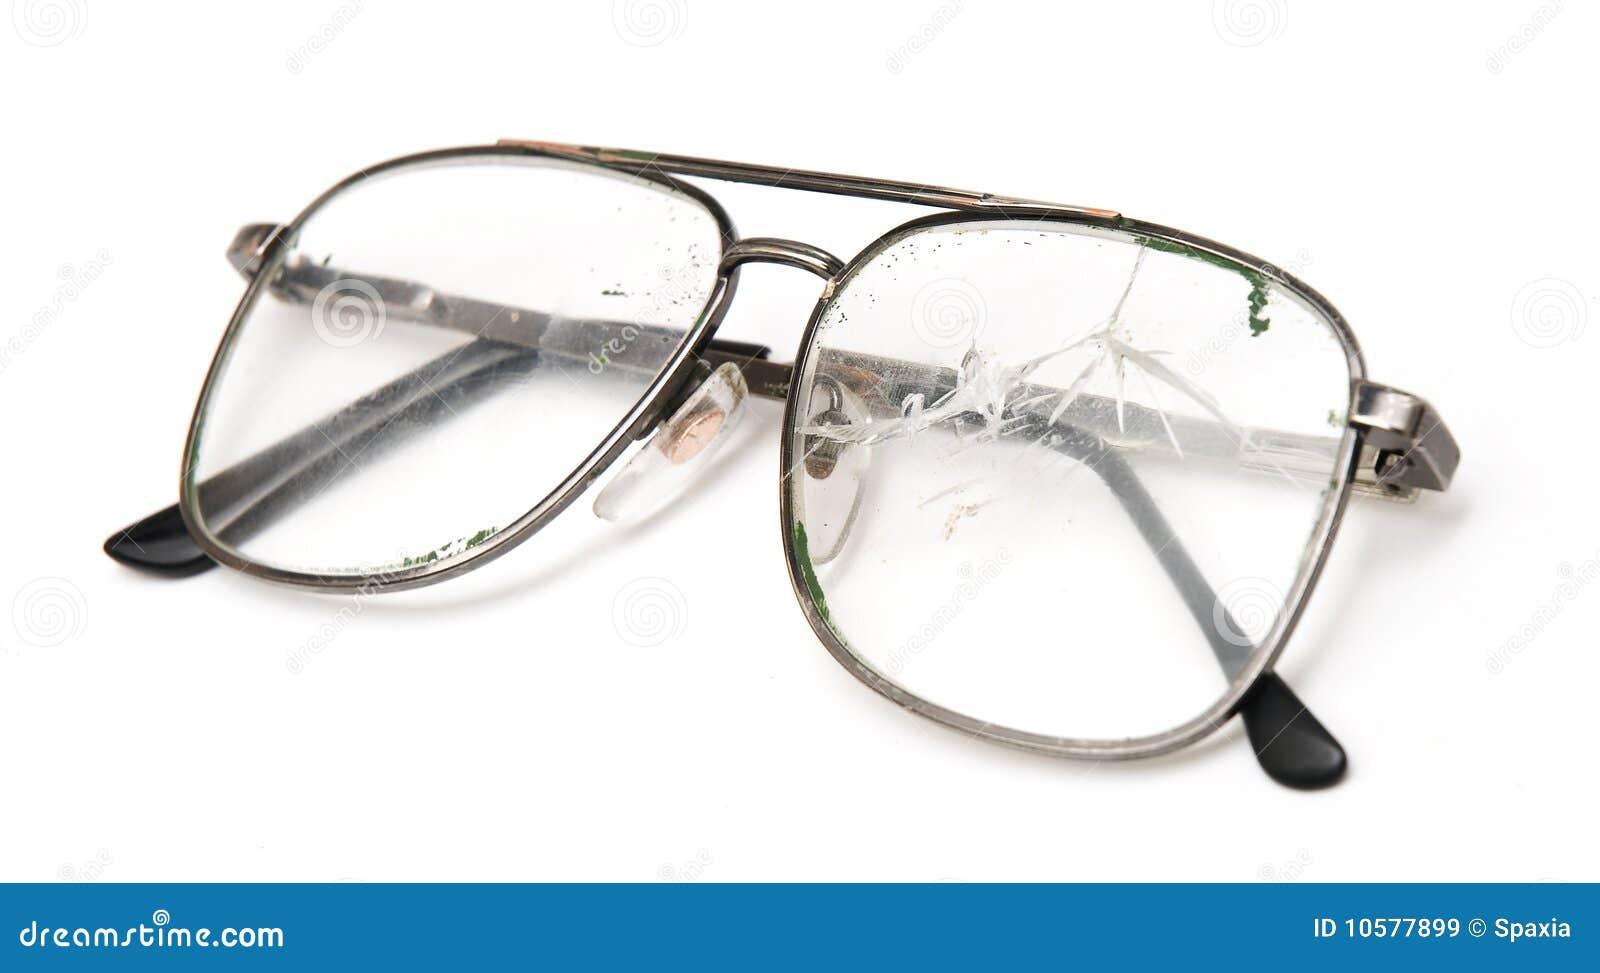 Broken Glasses Frame Dream : Broken Mens Eyeglasses Royalty Free Stock Images - Image ...